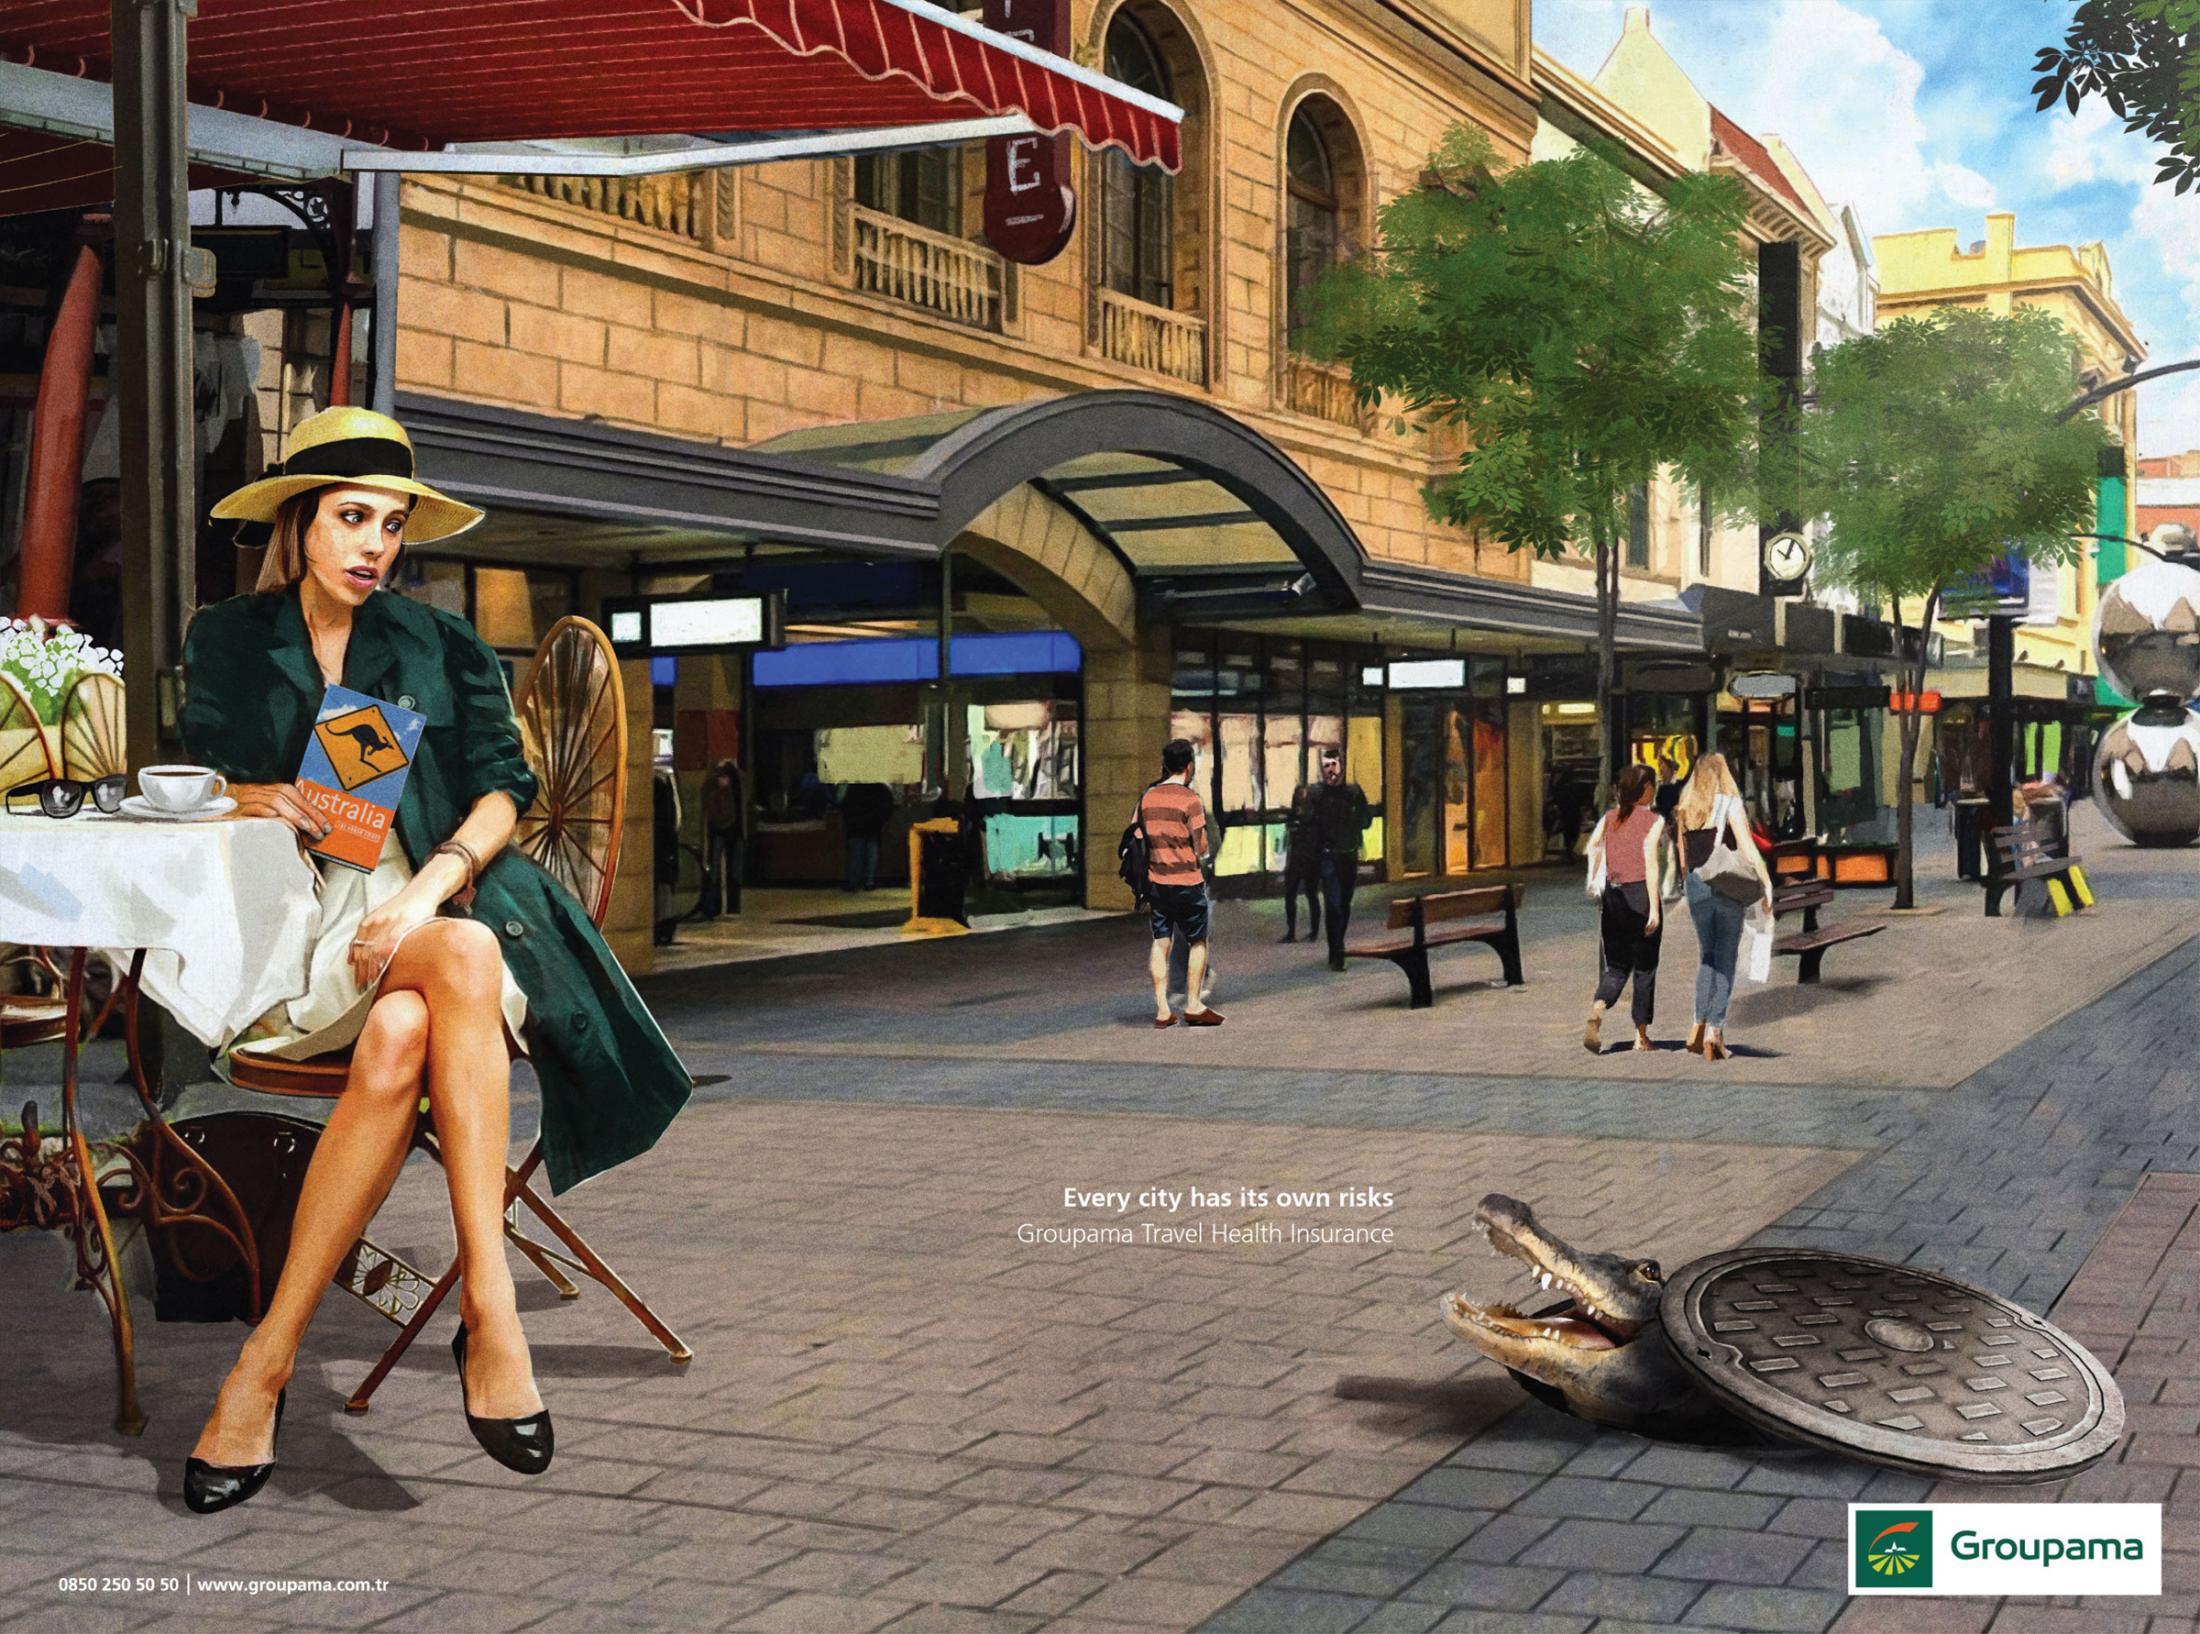 Her Şehrin Kendi Riski Vardır, Avustralya - GROUPAMA-türkiyenin-reklamları